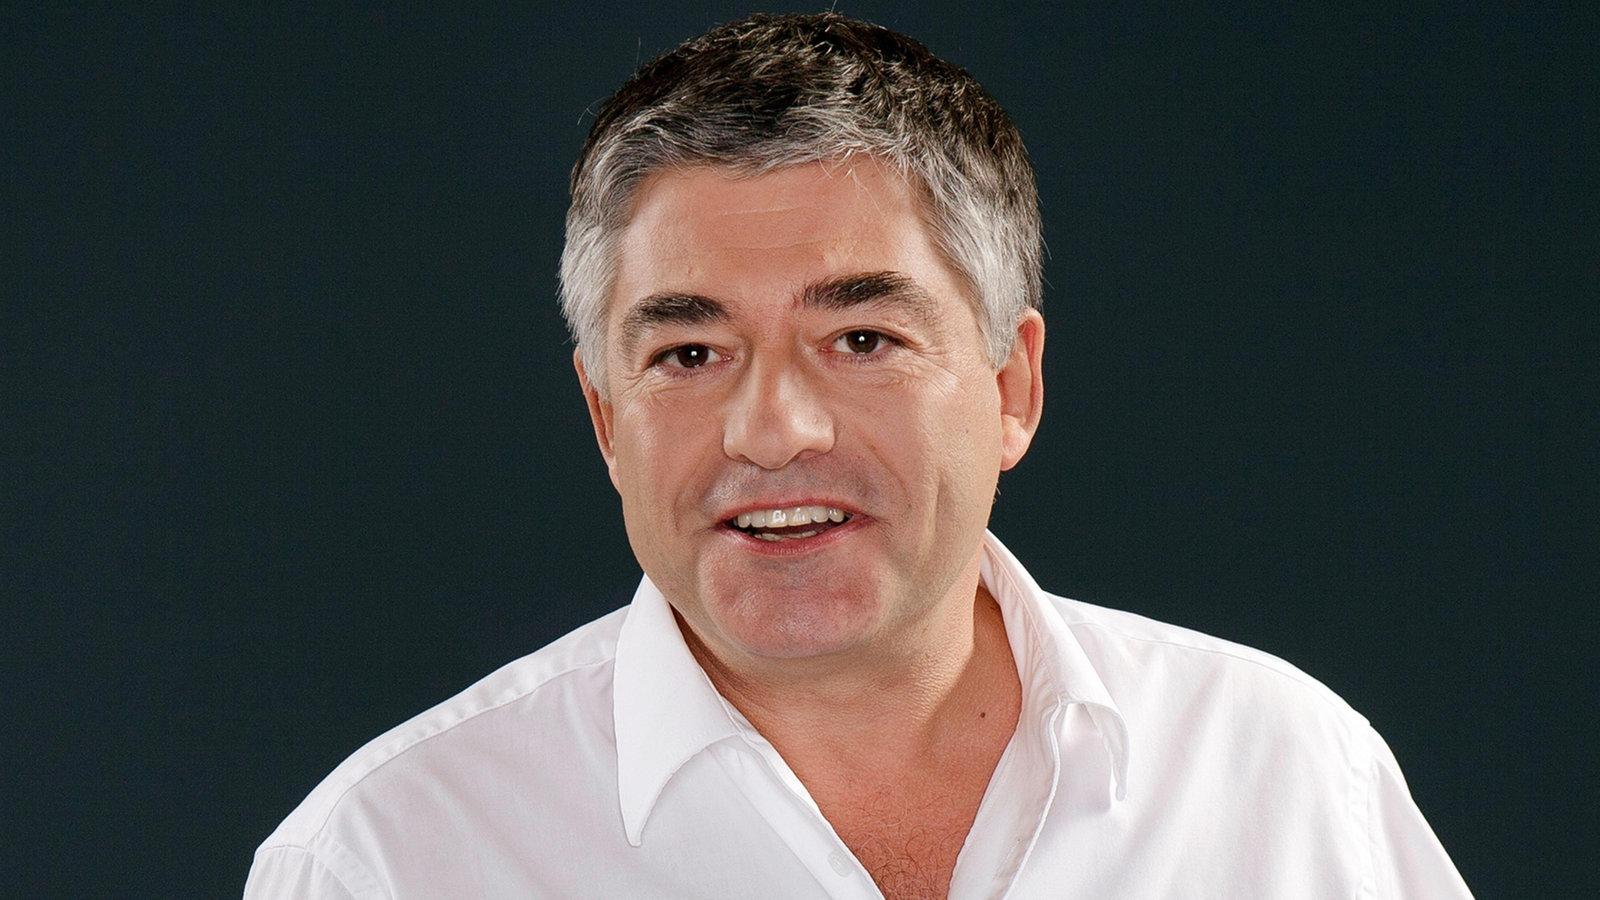 Axel Naumerpräsentiert seine WDR 5 RadioshowinDorsten